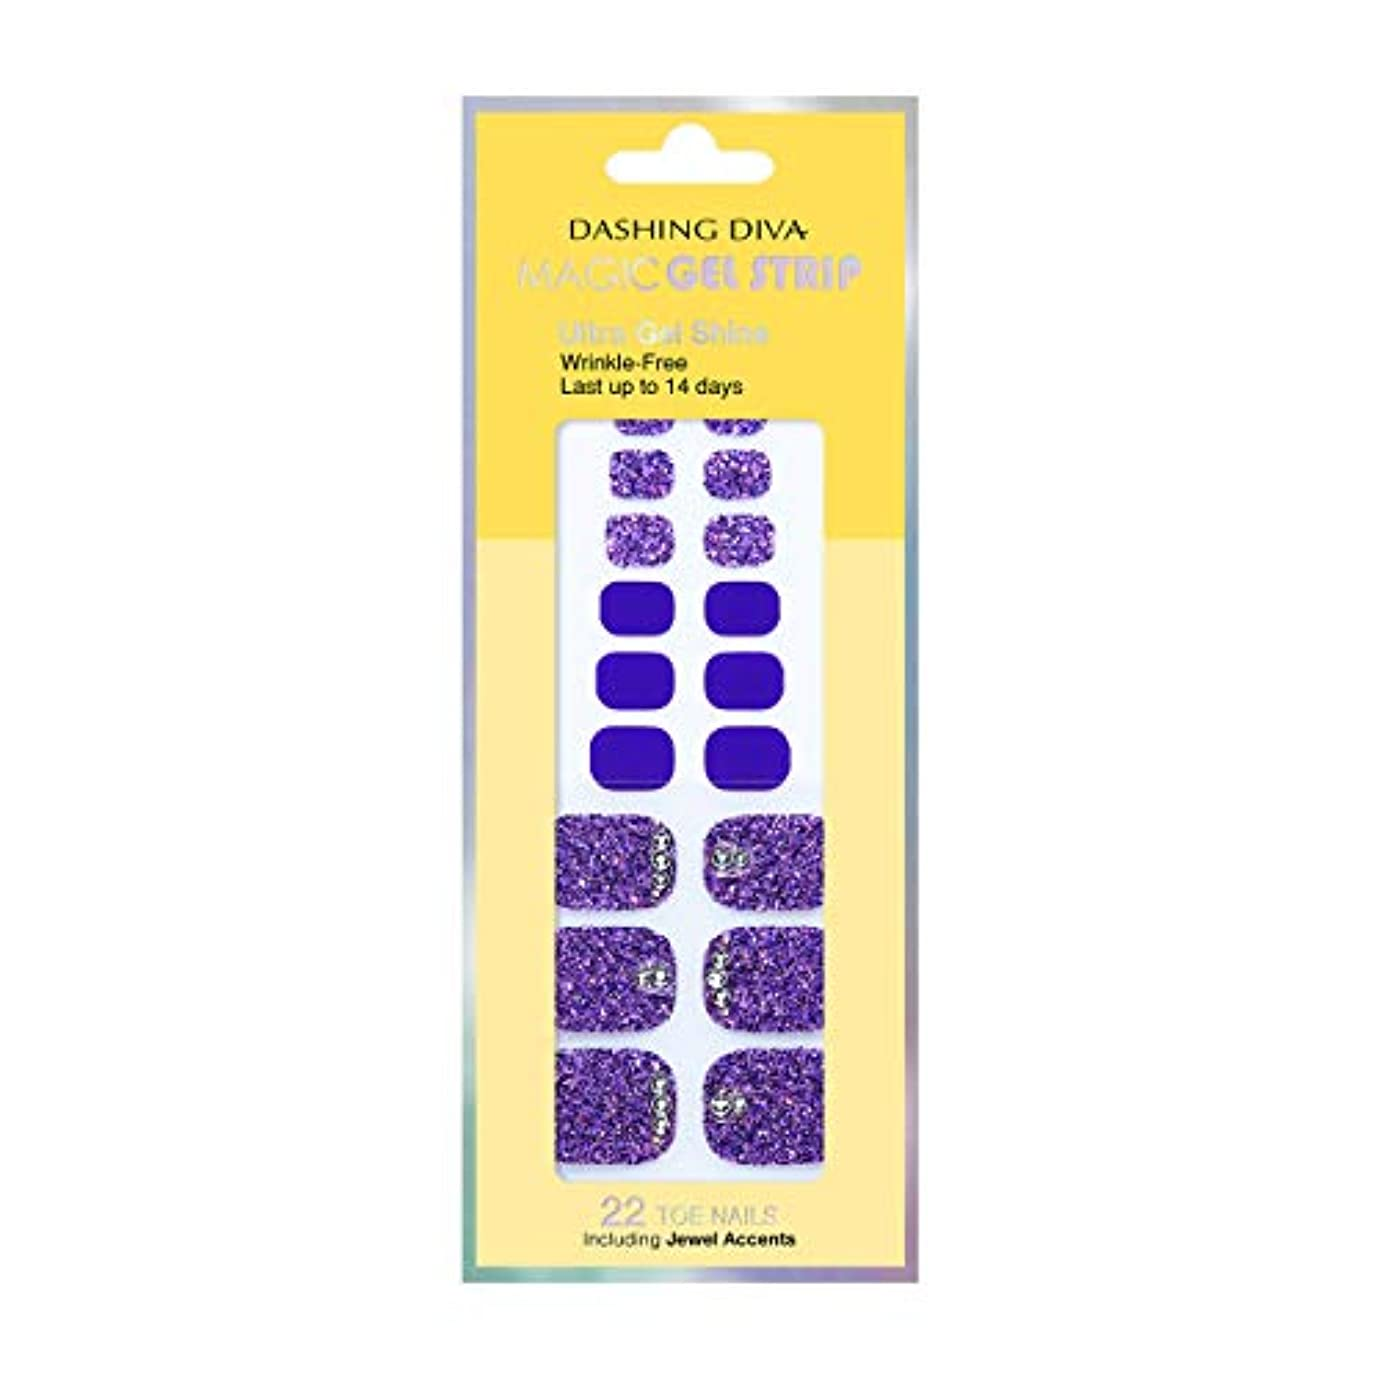 バトル回路欲しいですダッシングディバ マジックジェルストリップ DASHING DIVA Magic Gel Strip DGST77P-DURY+ オリジナルジェル ネイルシール Bling-jewel Sparkle Purple